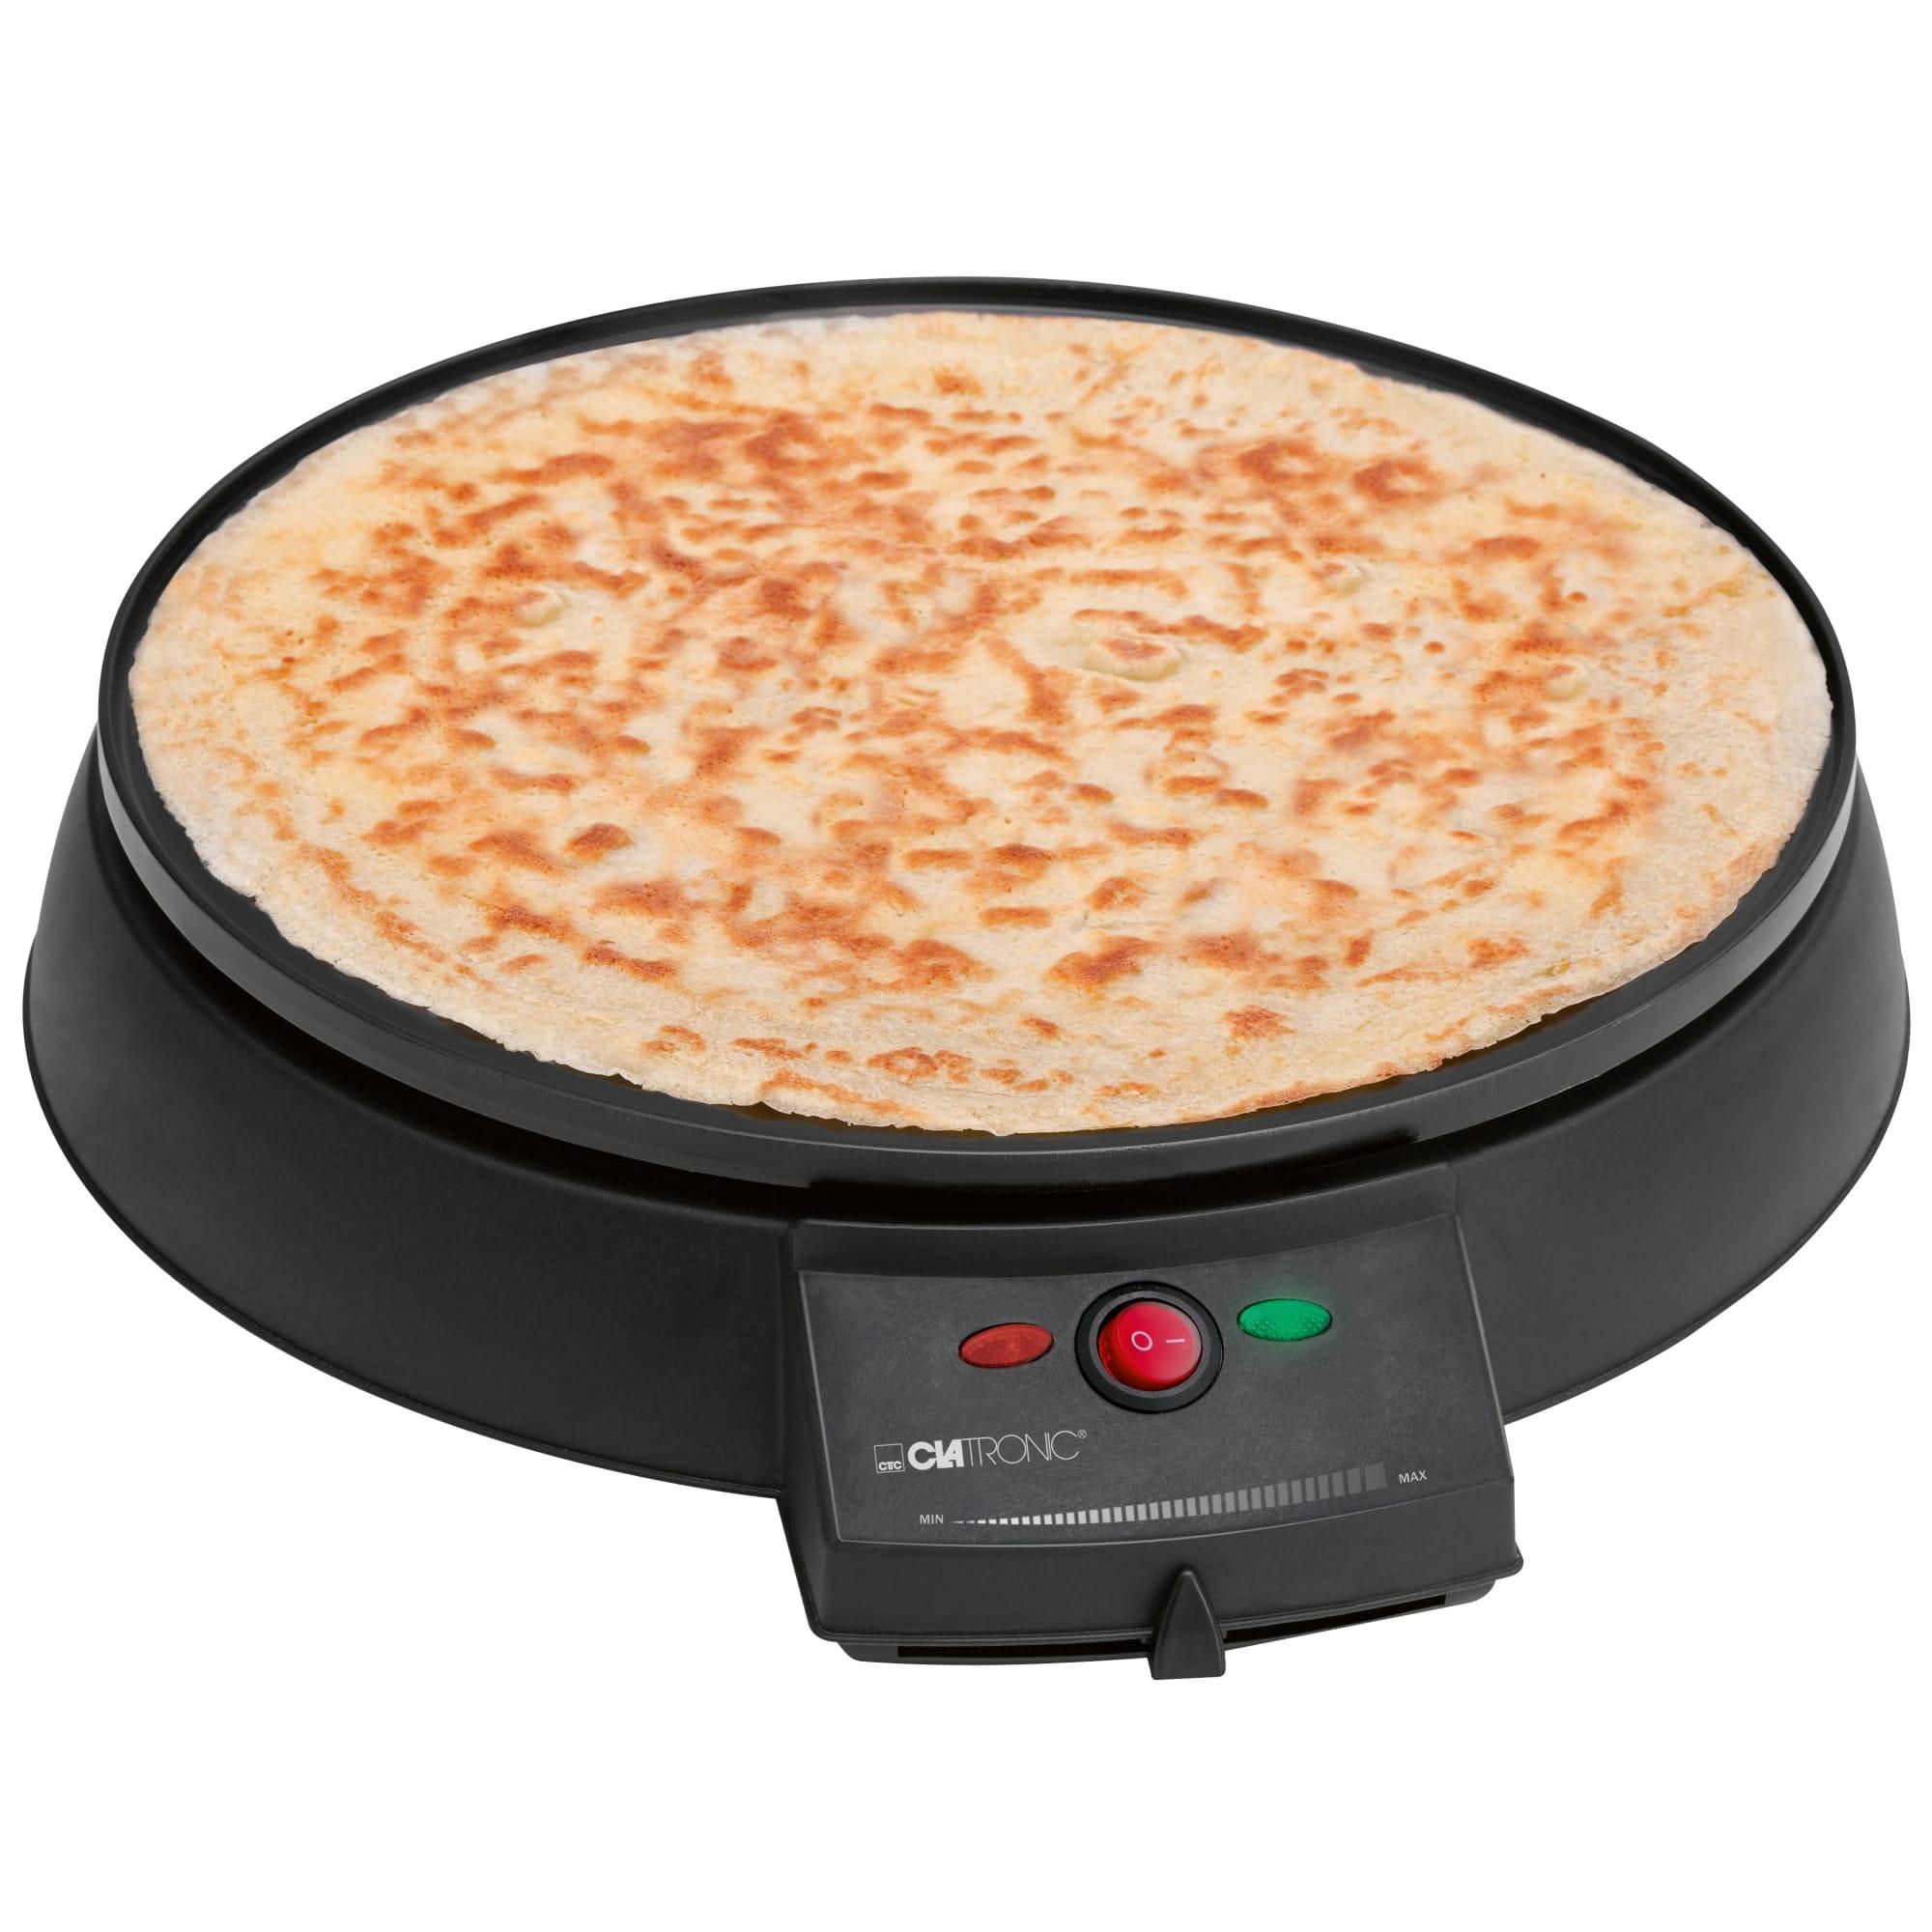 Lav lækre pandekager på kort tid